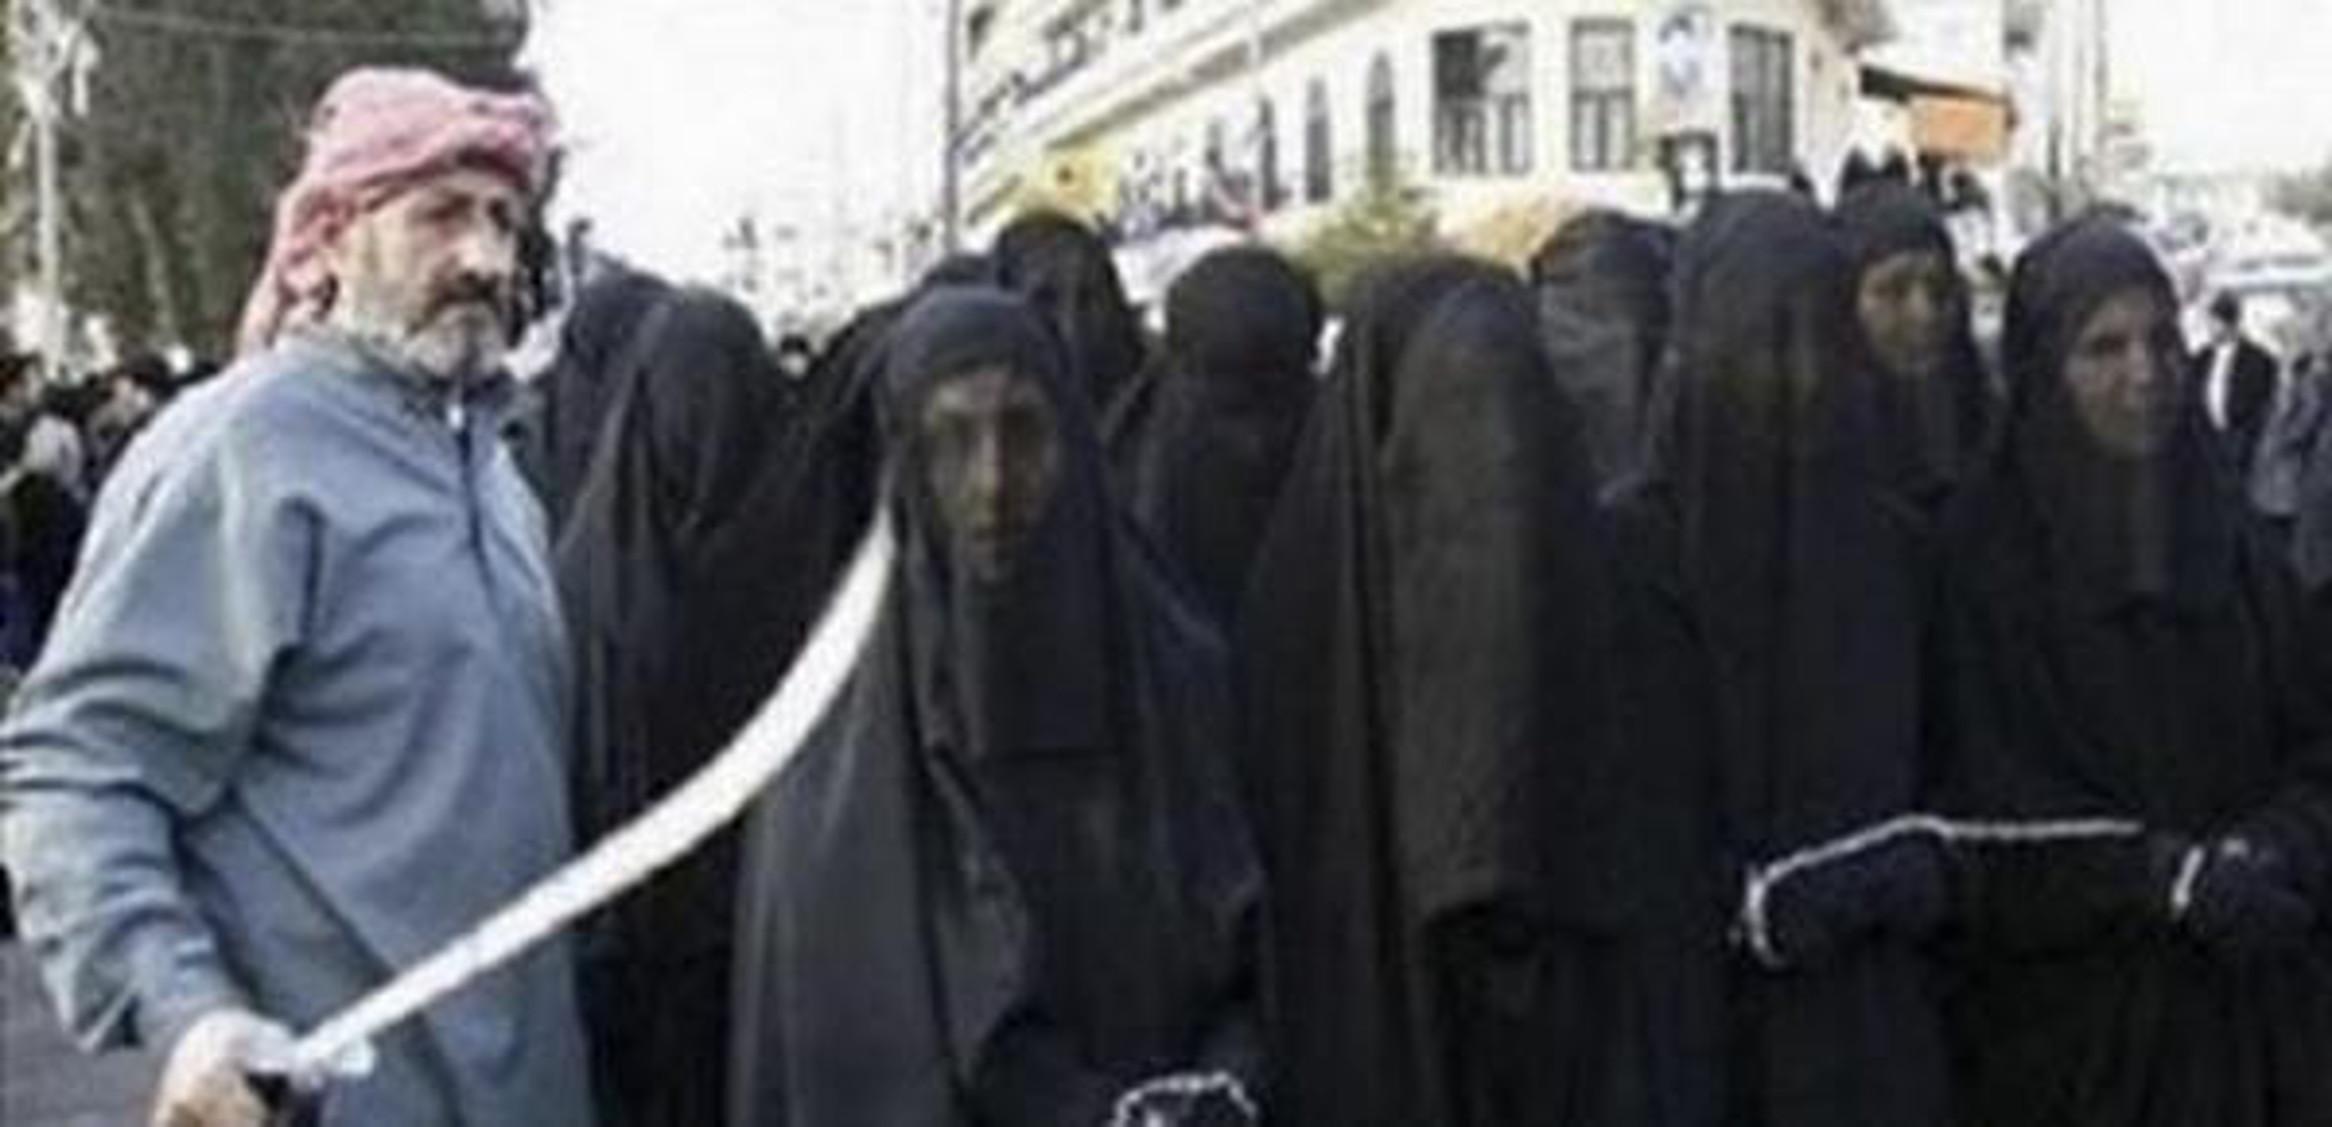 Niewolnictwo i niewolnictwo seksualne w Islamie